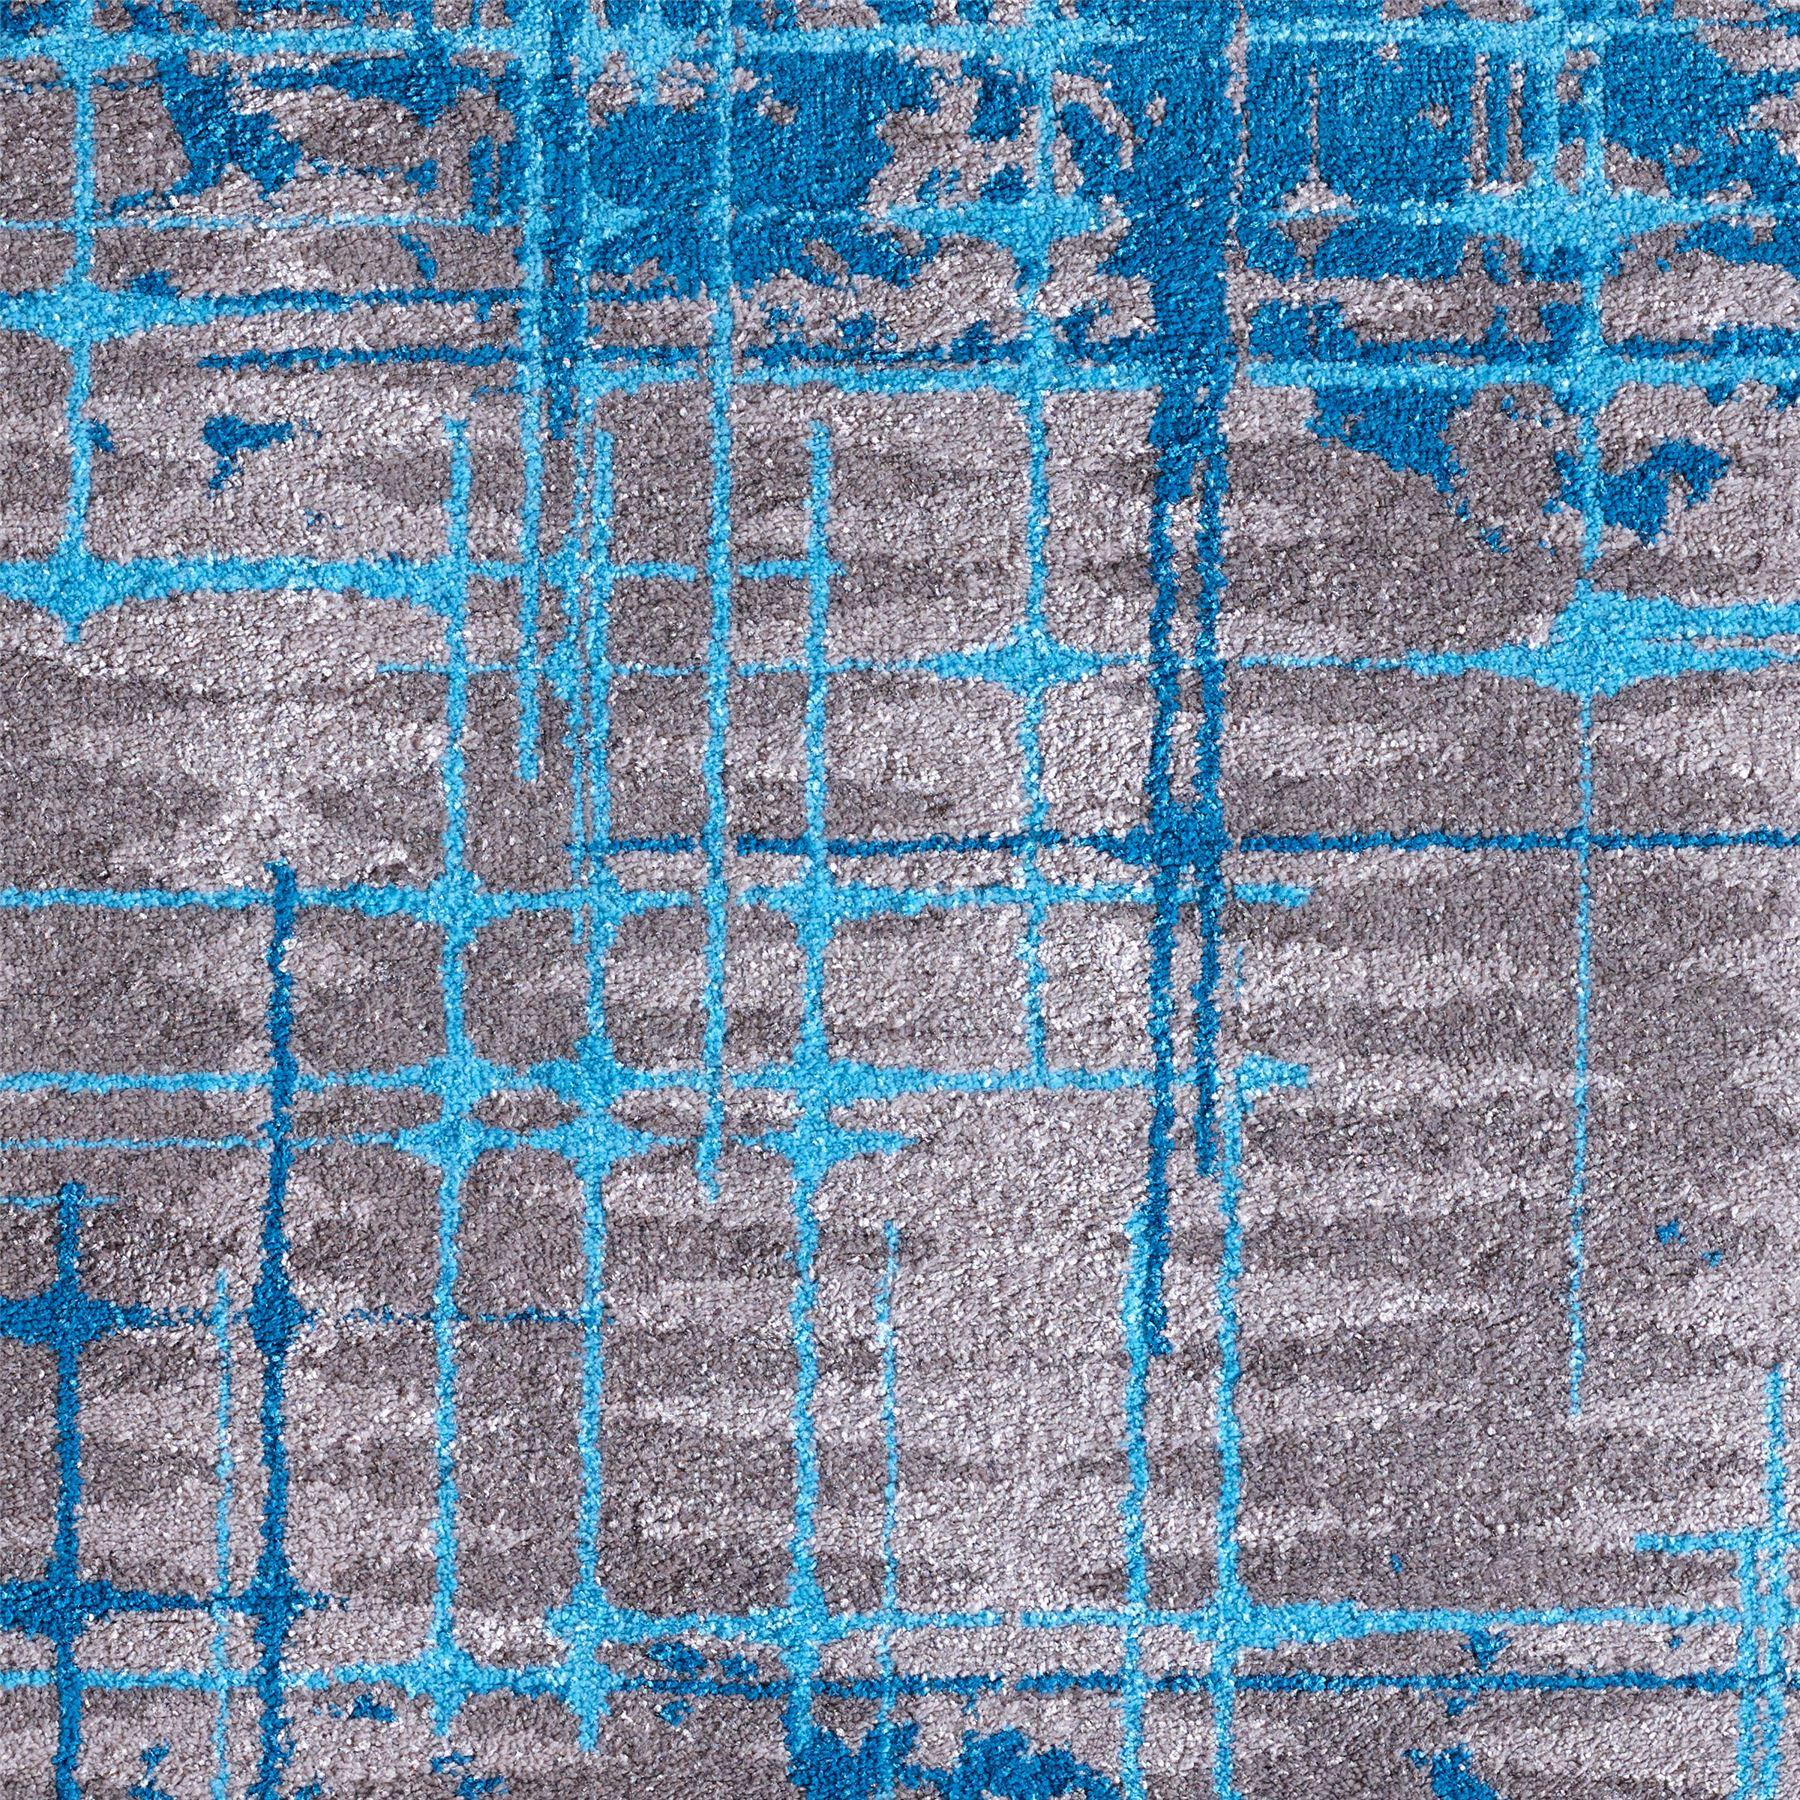 TAPPETI-SALOTTO-GEOMETRICO-GRIGIO-VERDE-ACQUA-moderno-camera-da-letto-salone-salotto-tappeti miniatura 10